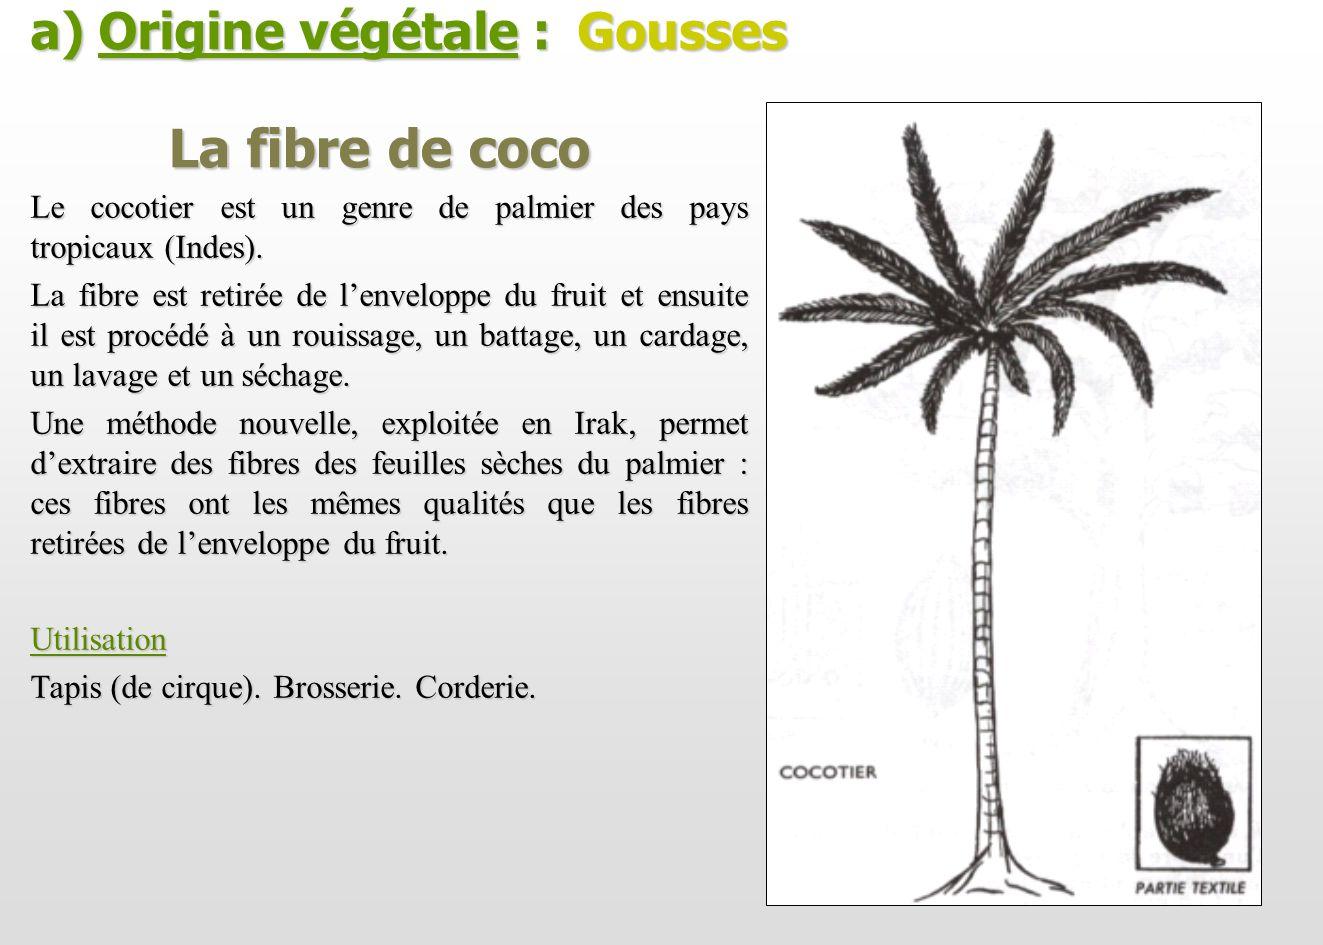 La fibre de coco a) Origine végétale : Gousses